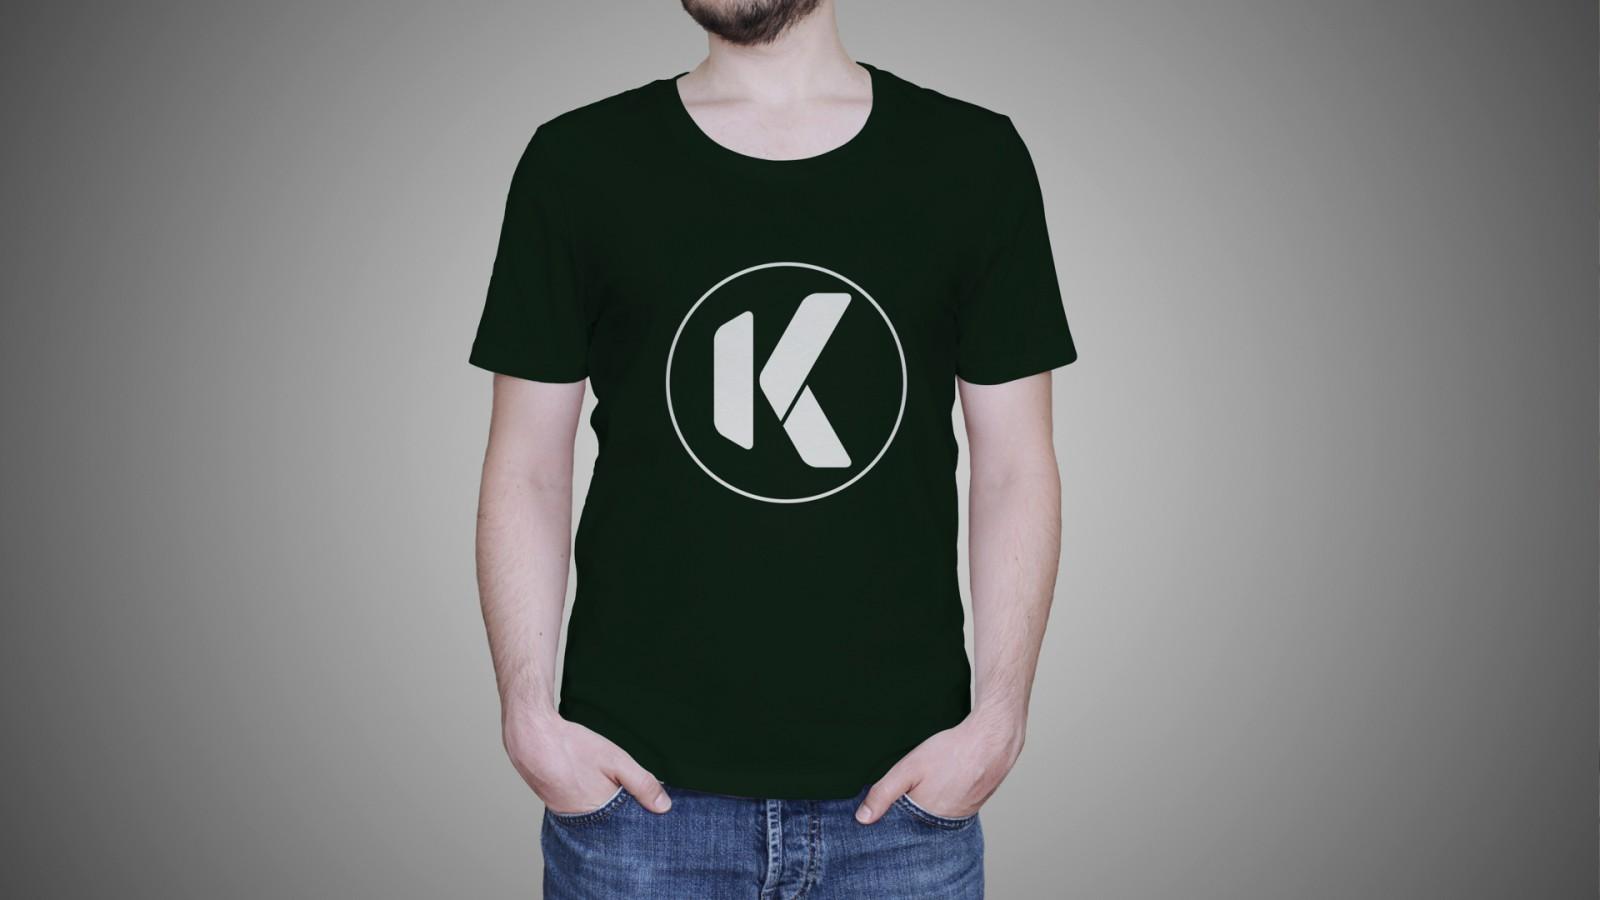 Kibo merkconcept shirt